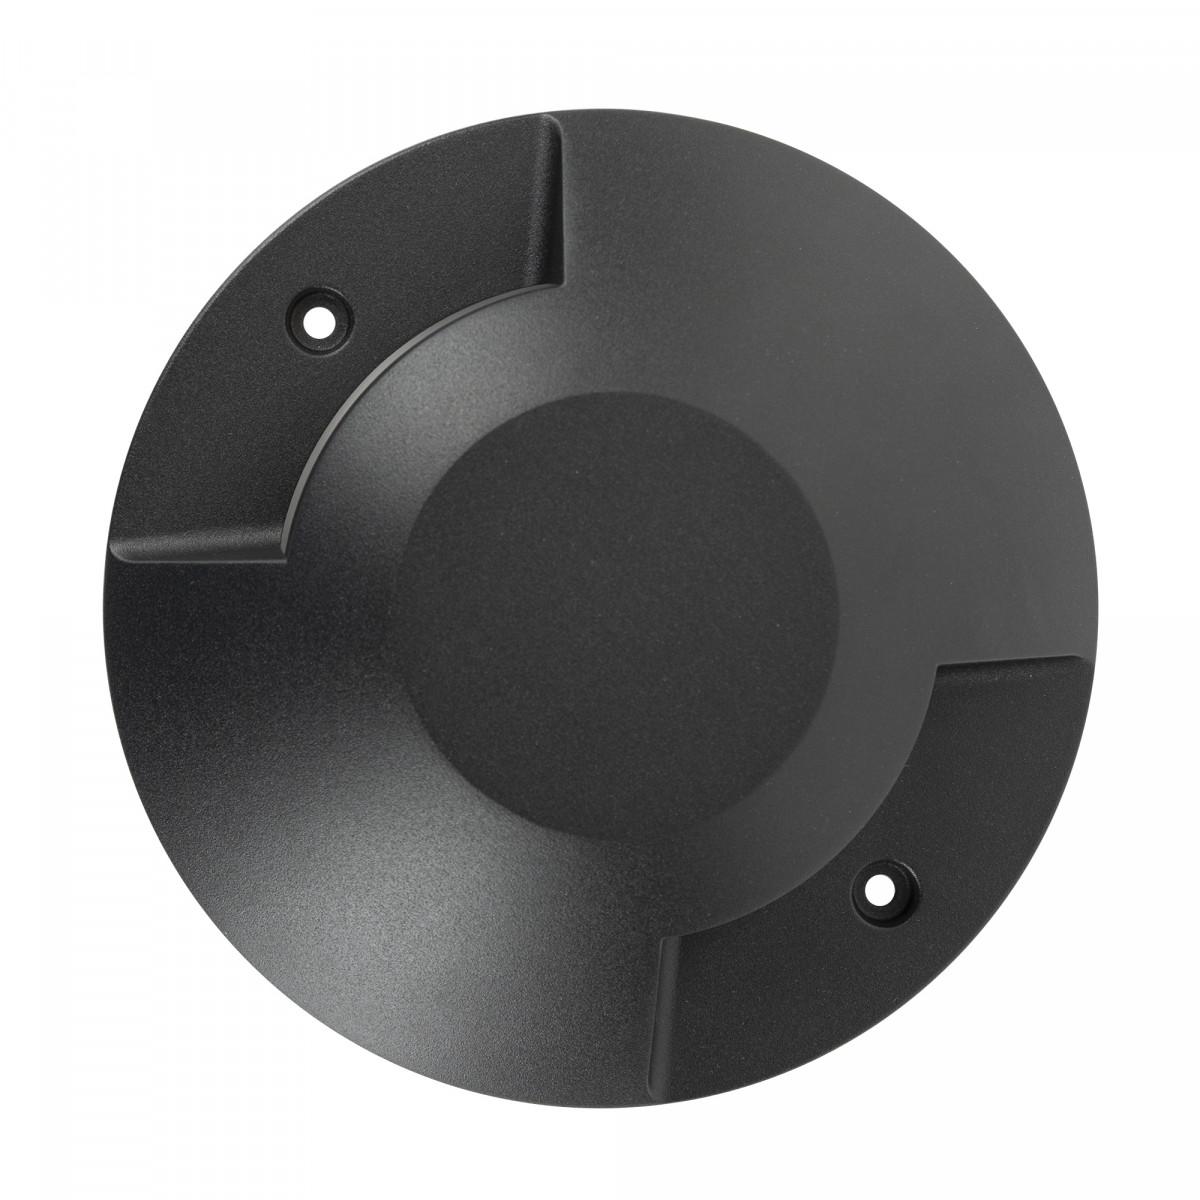 Zwarte vloerspot met geïntegreerd led, strijklicht aan 2 zijden, de Evo deckspot 2 lichts heeft een ronde vormgeving, 2 lichtbundels, een opbouw grondspot